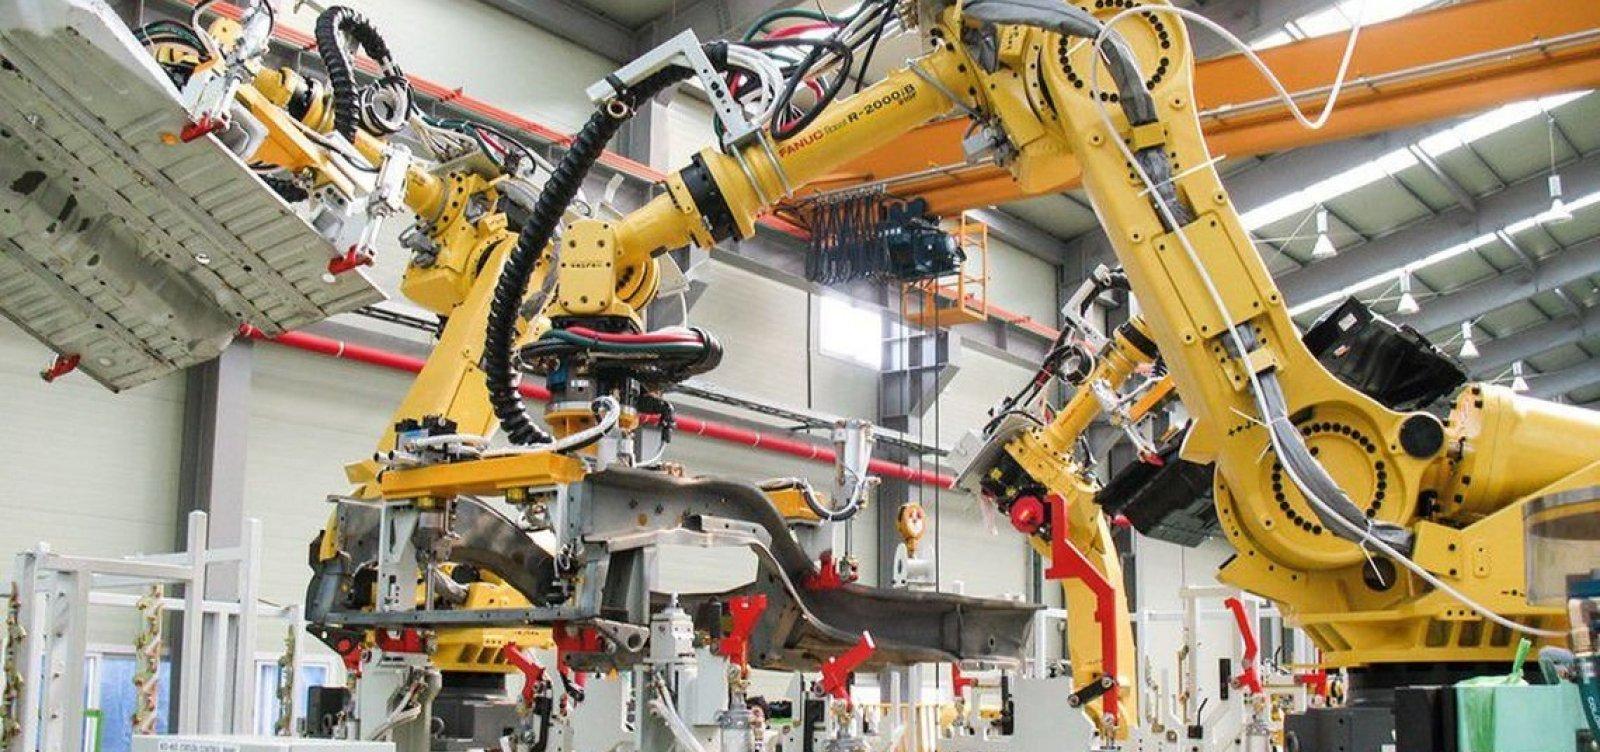 [Mais da metade dos baianos teme ser substituída por robôs no trabalho]